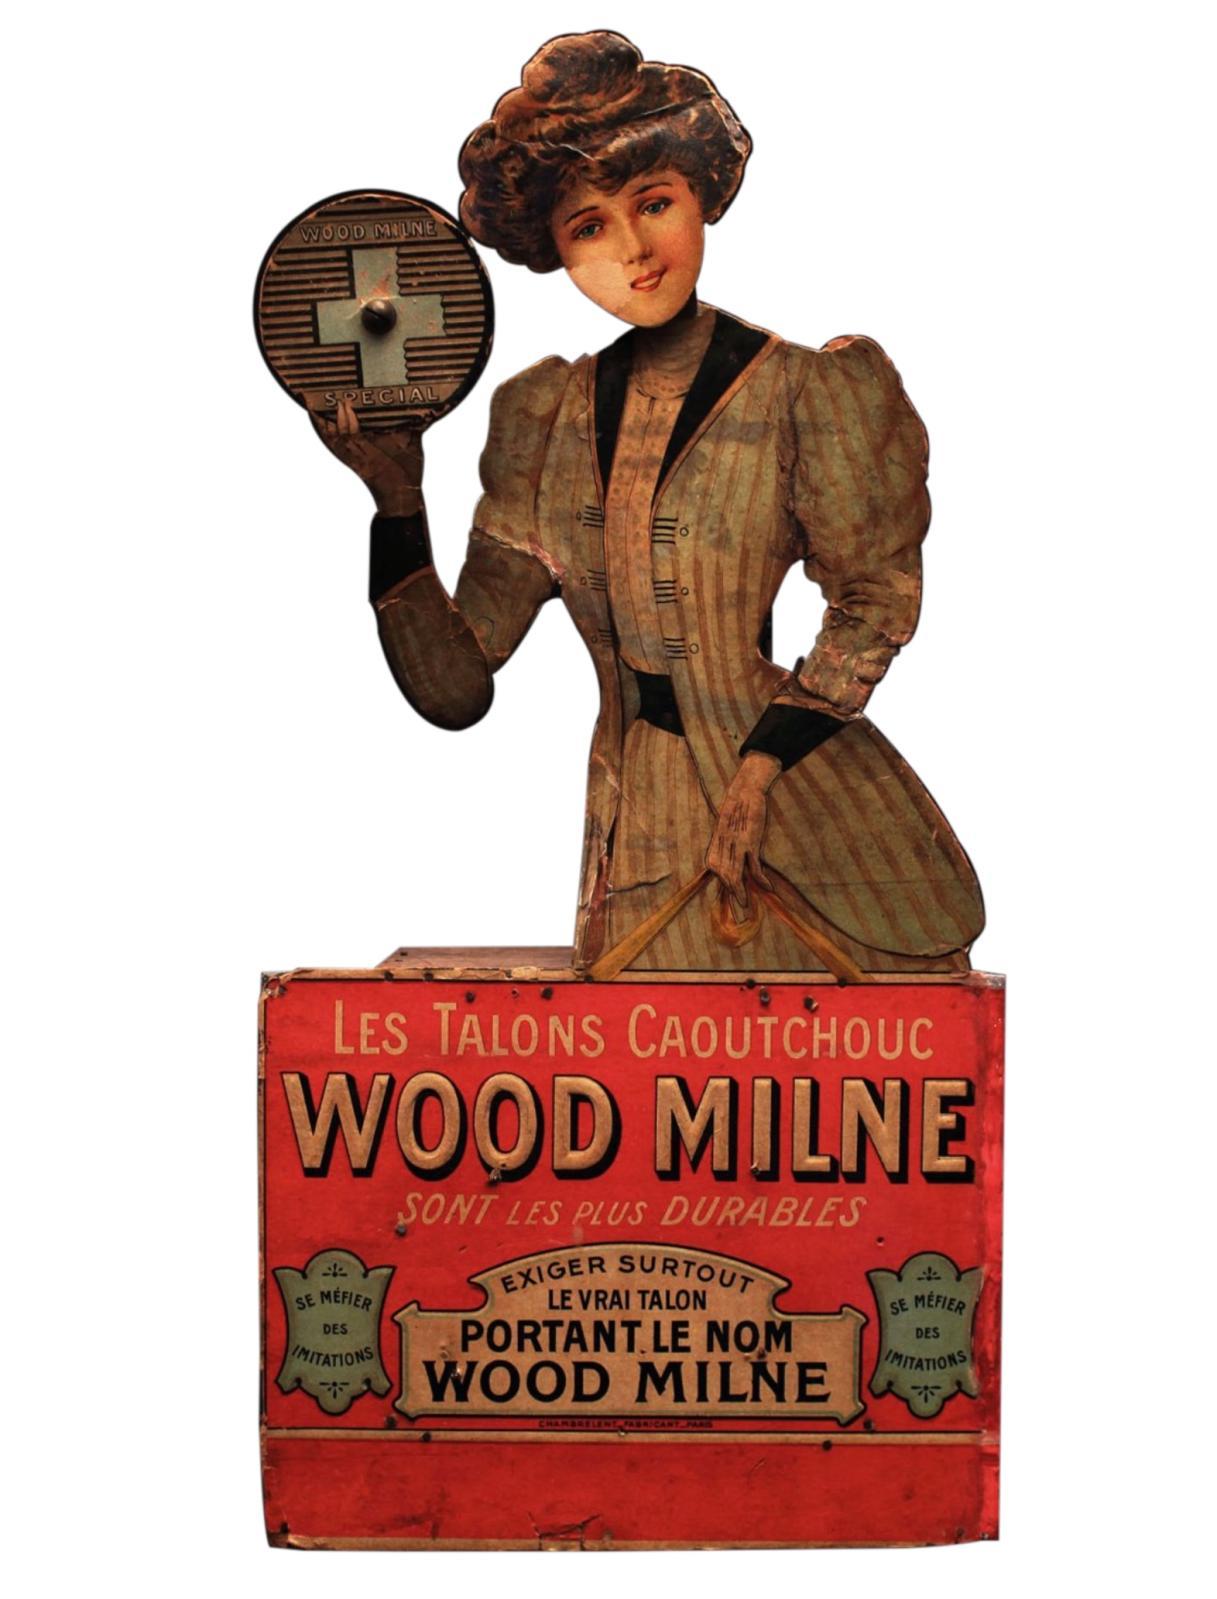 WOOD MILNE,Les talons caoutchoucImp. CHAMBRELENT, Paris, France, vers 1900Présentoir automate de vitrine en chromolithographie sur carton